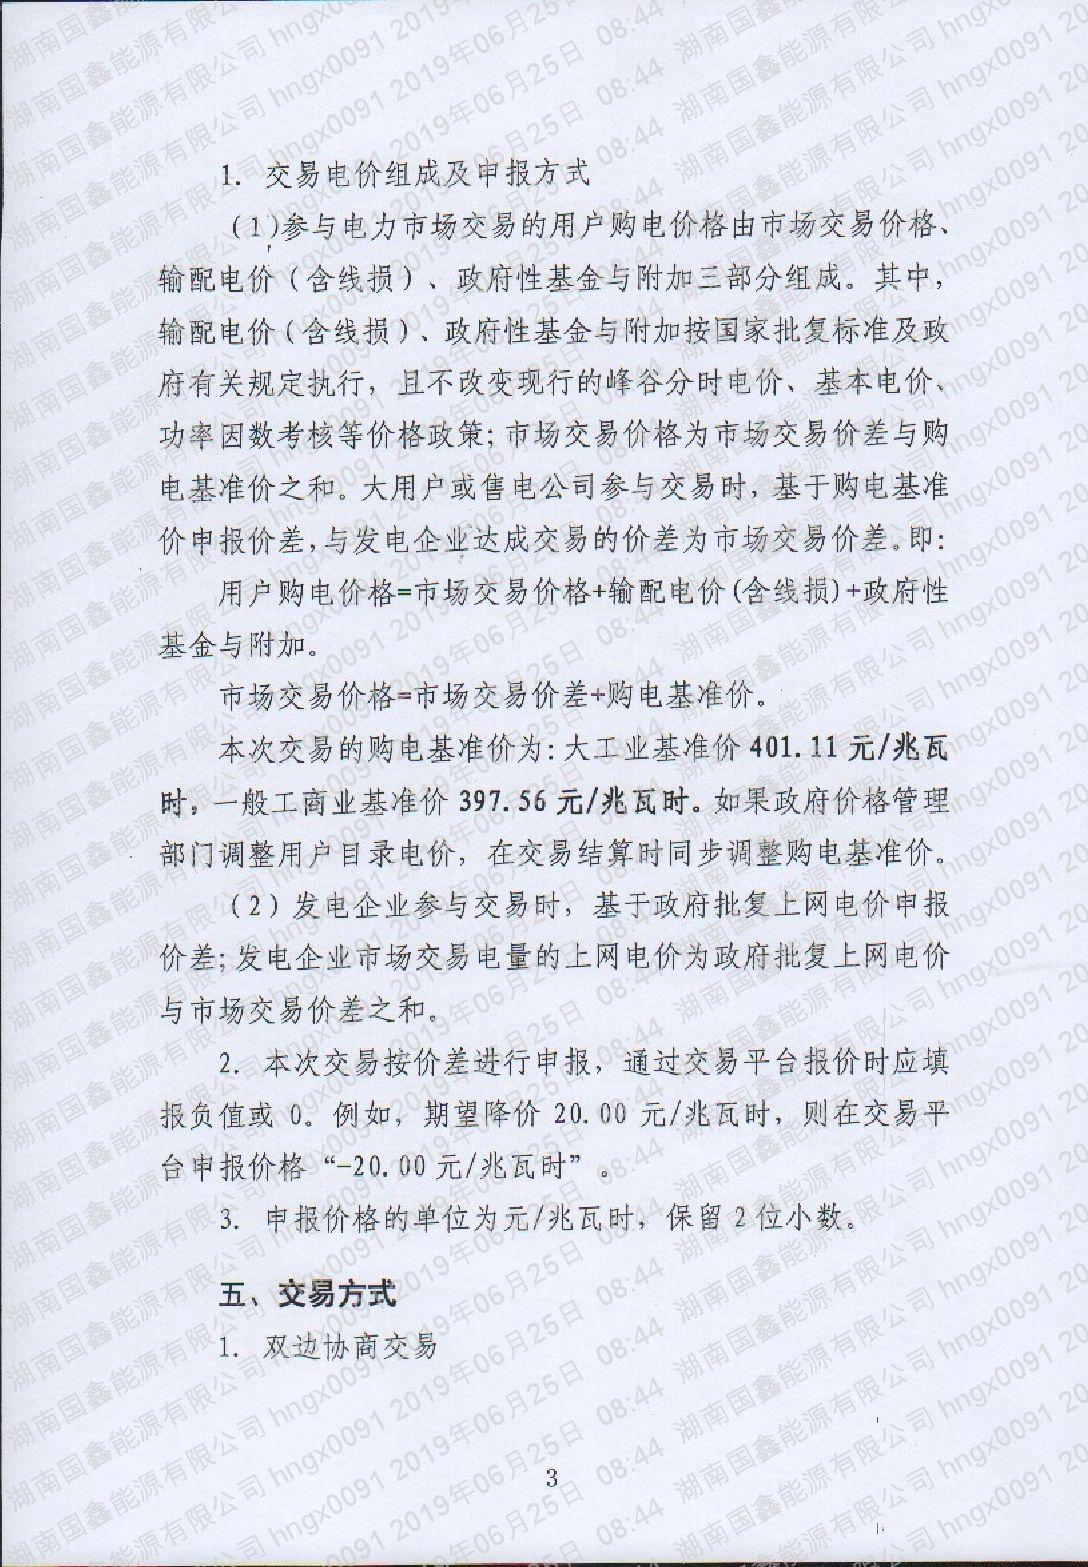 湖南電力交易中心有限公司關于2019年7月電力市場交易的公告(2019年13號).pdf_page_3_compressed_compressed.jpg